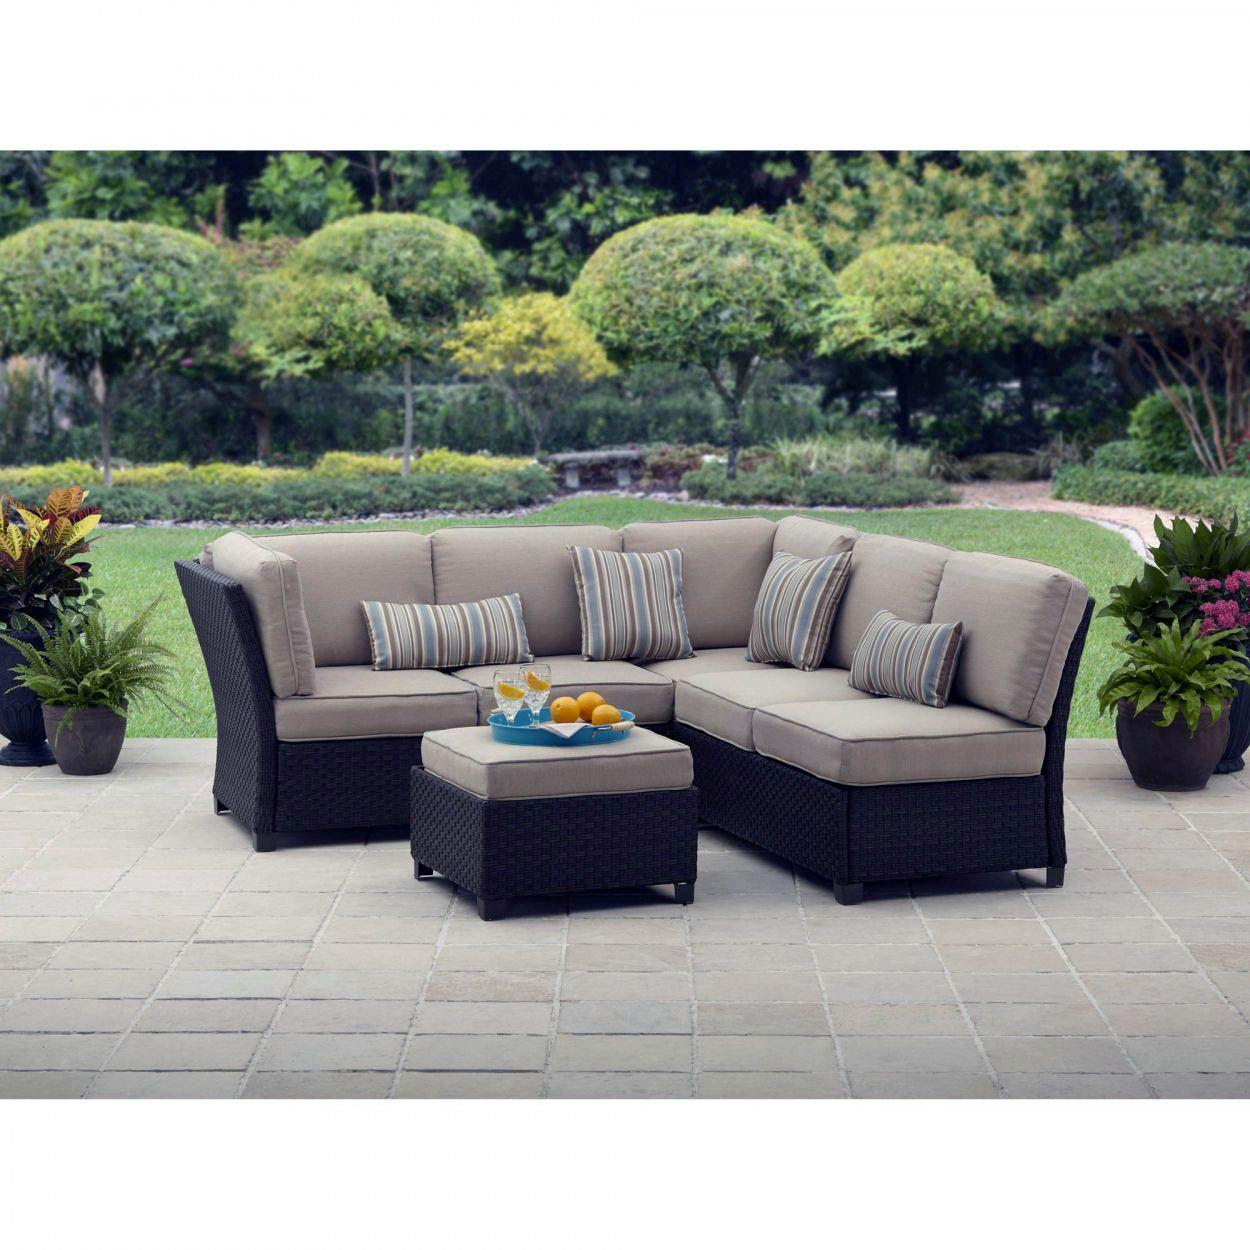 310a5a17d969728d79432b4cb5edee87 - Better Homes And Gardens Cane Bay 4 Piece Conversation Set